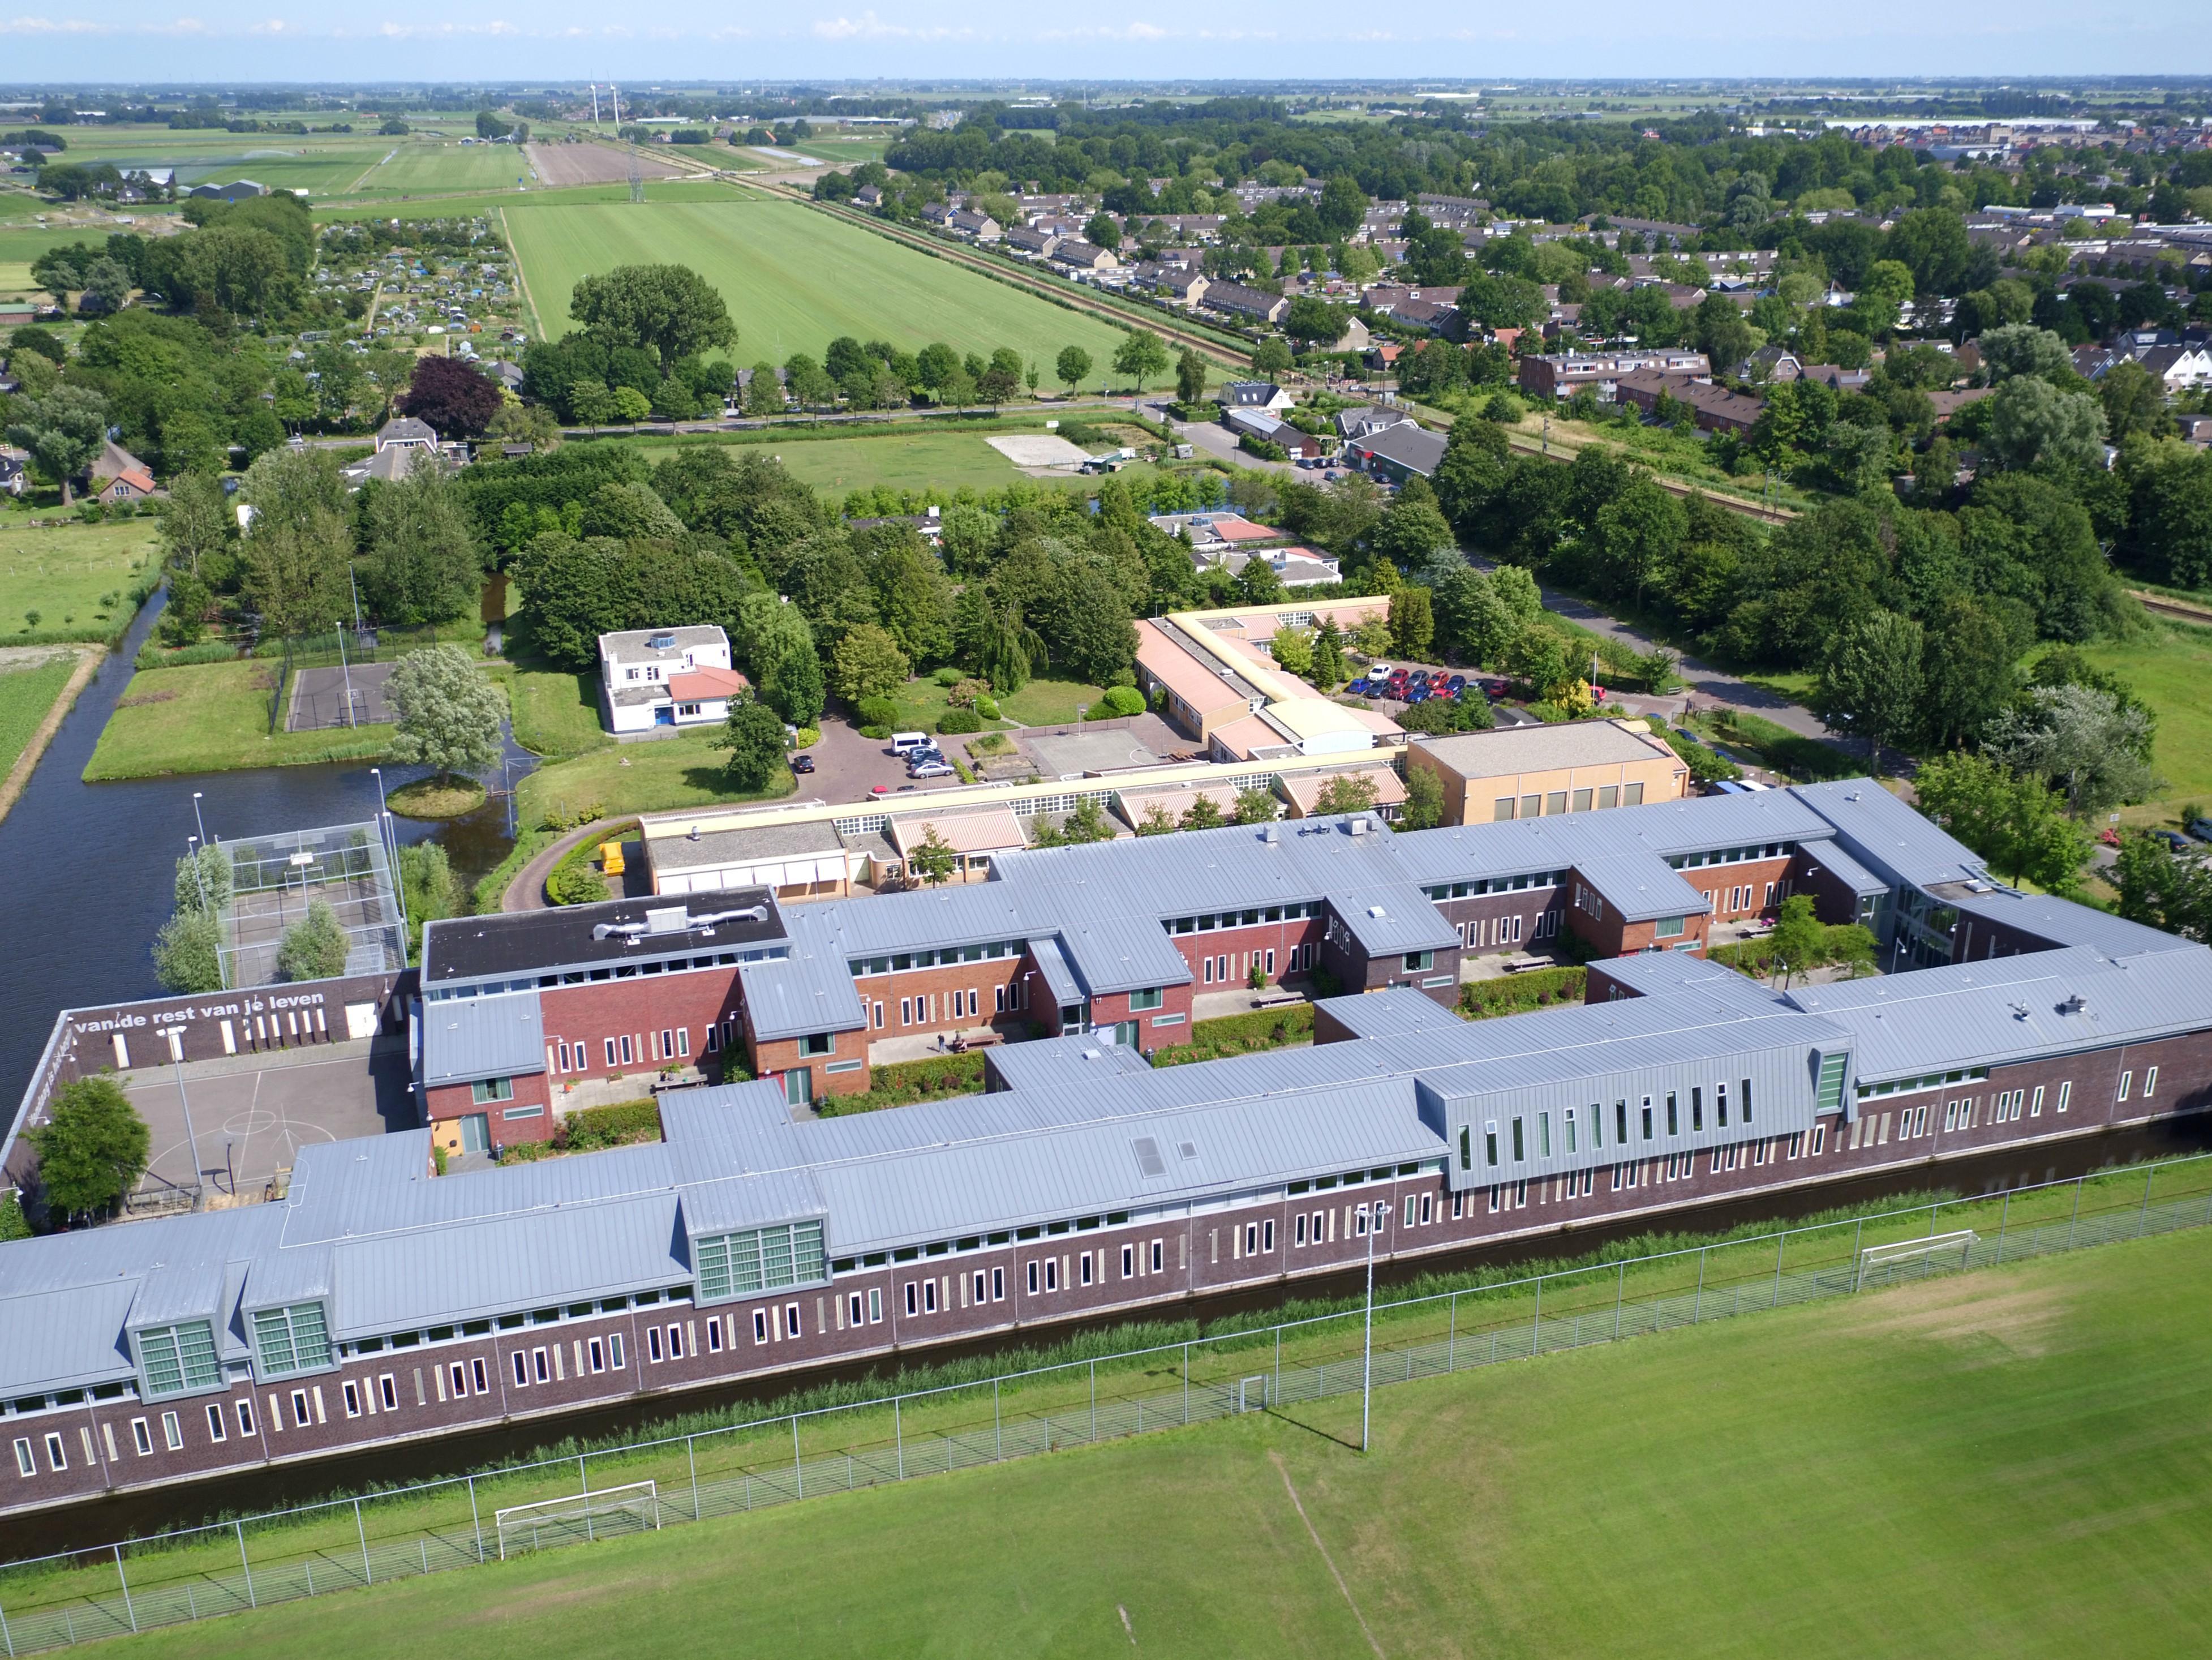 Gesloten jeugdinstelling Transferium in Heerhugowaard verlegt koers en kan open blijven